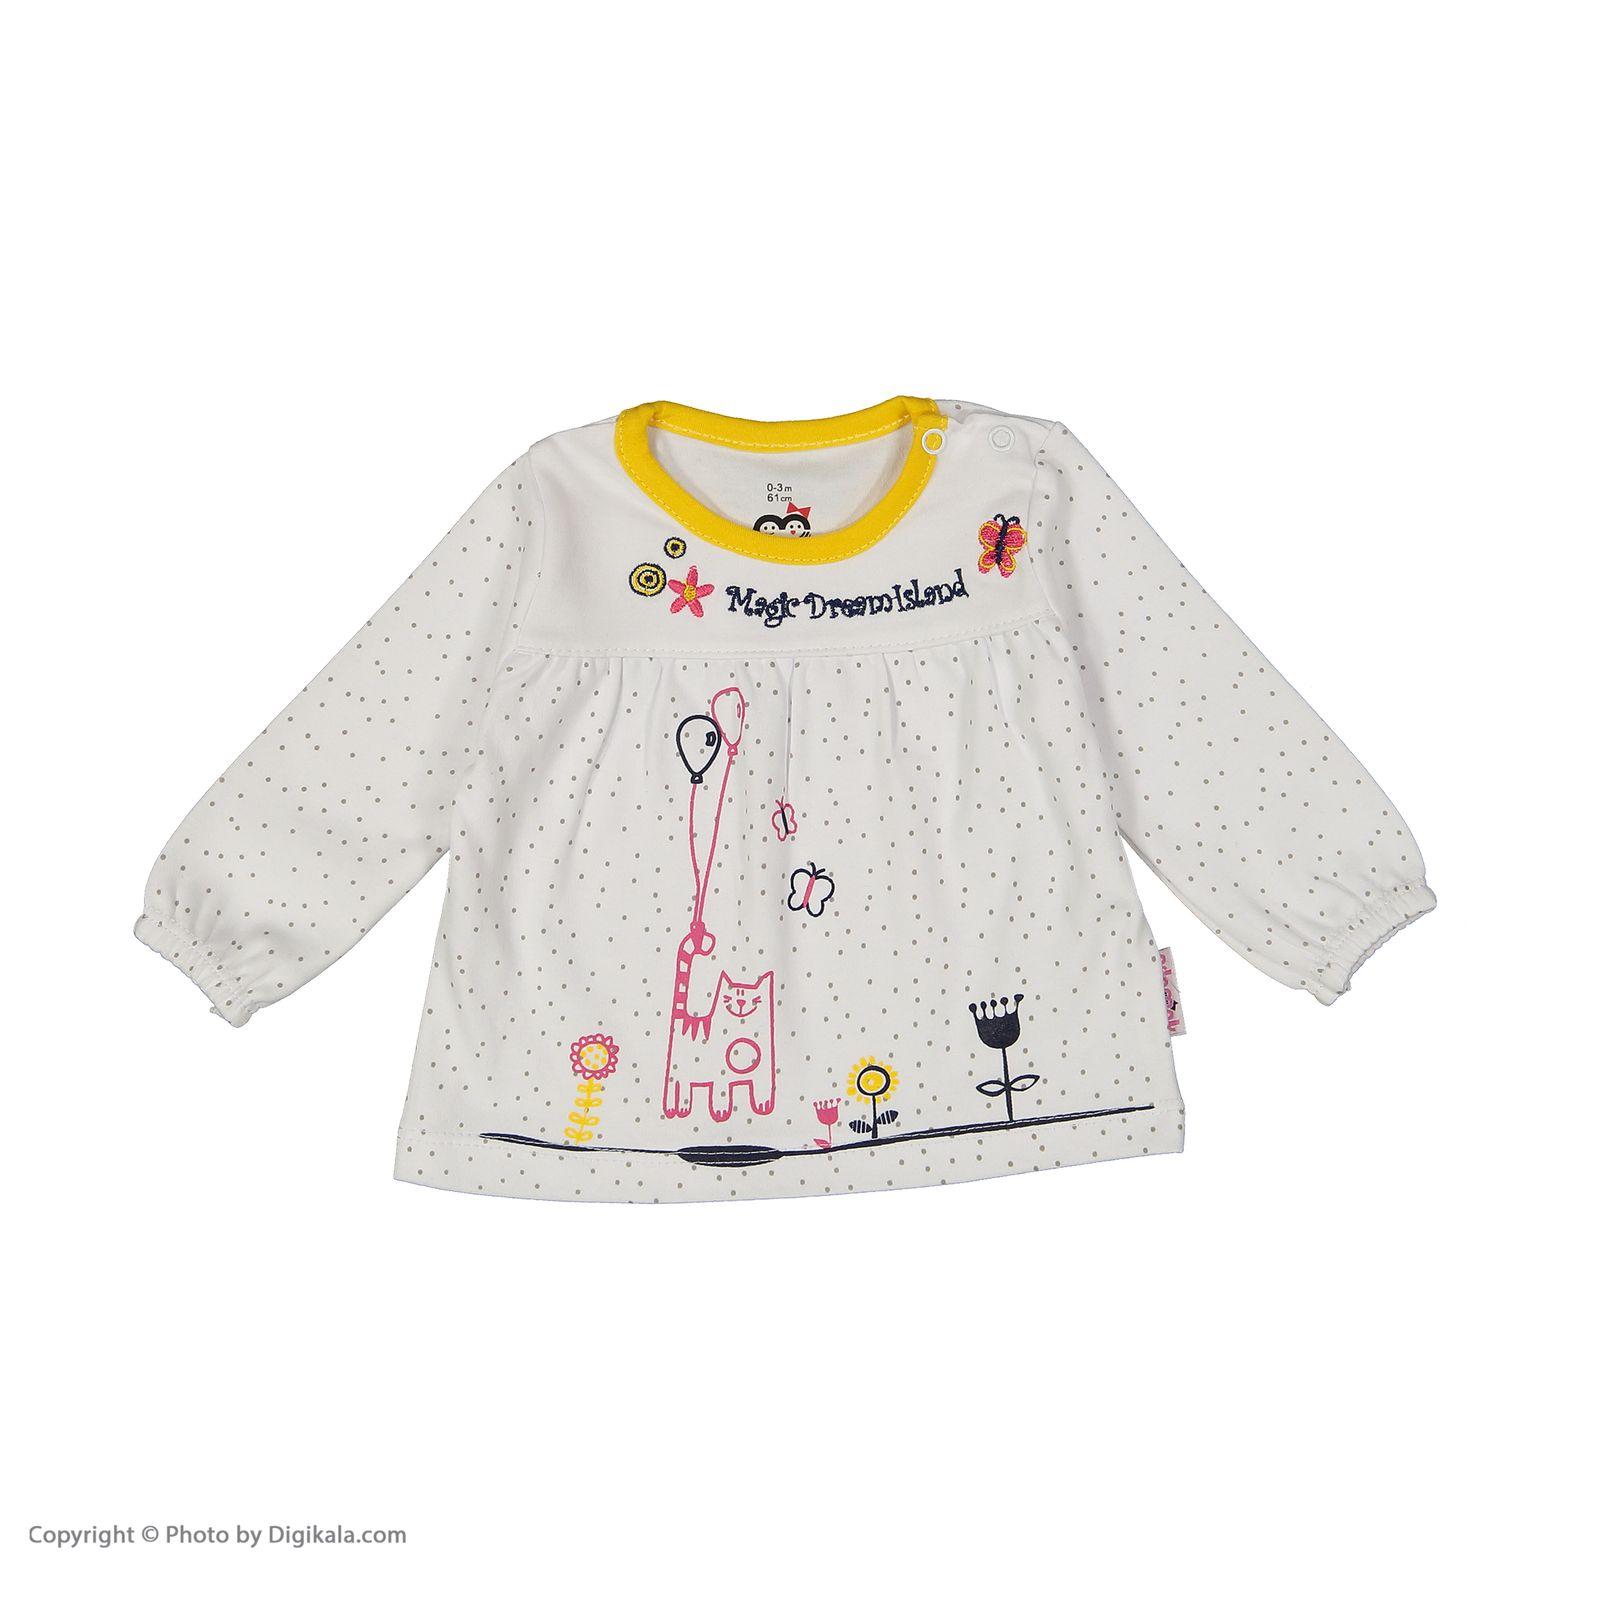 ست تی شرت و شلوار دخترانه آدمک مدل 2171146-19 main 1 4